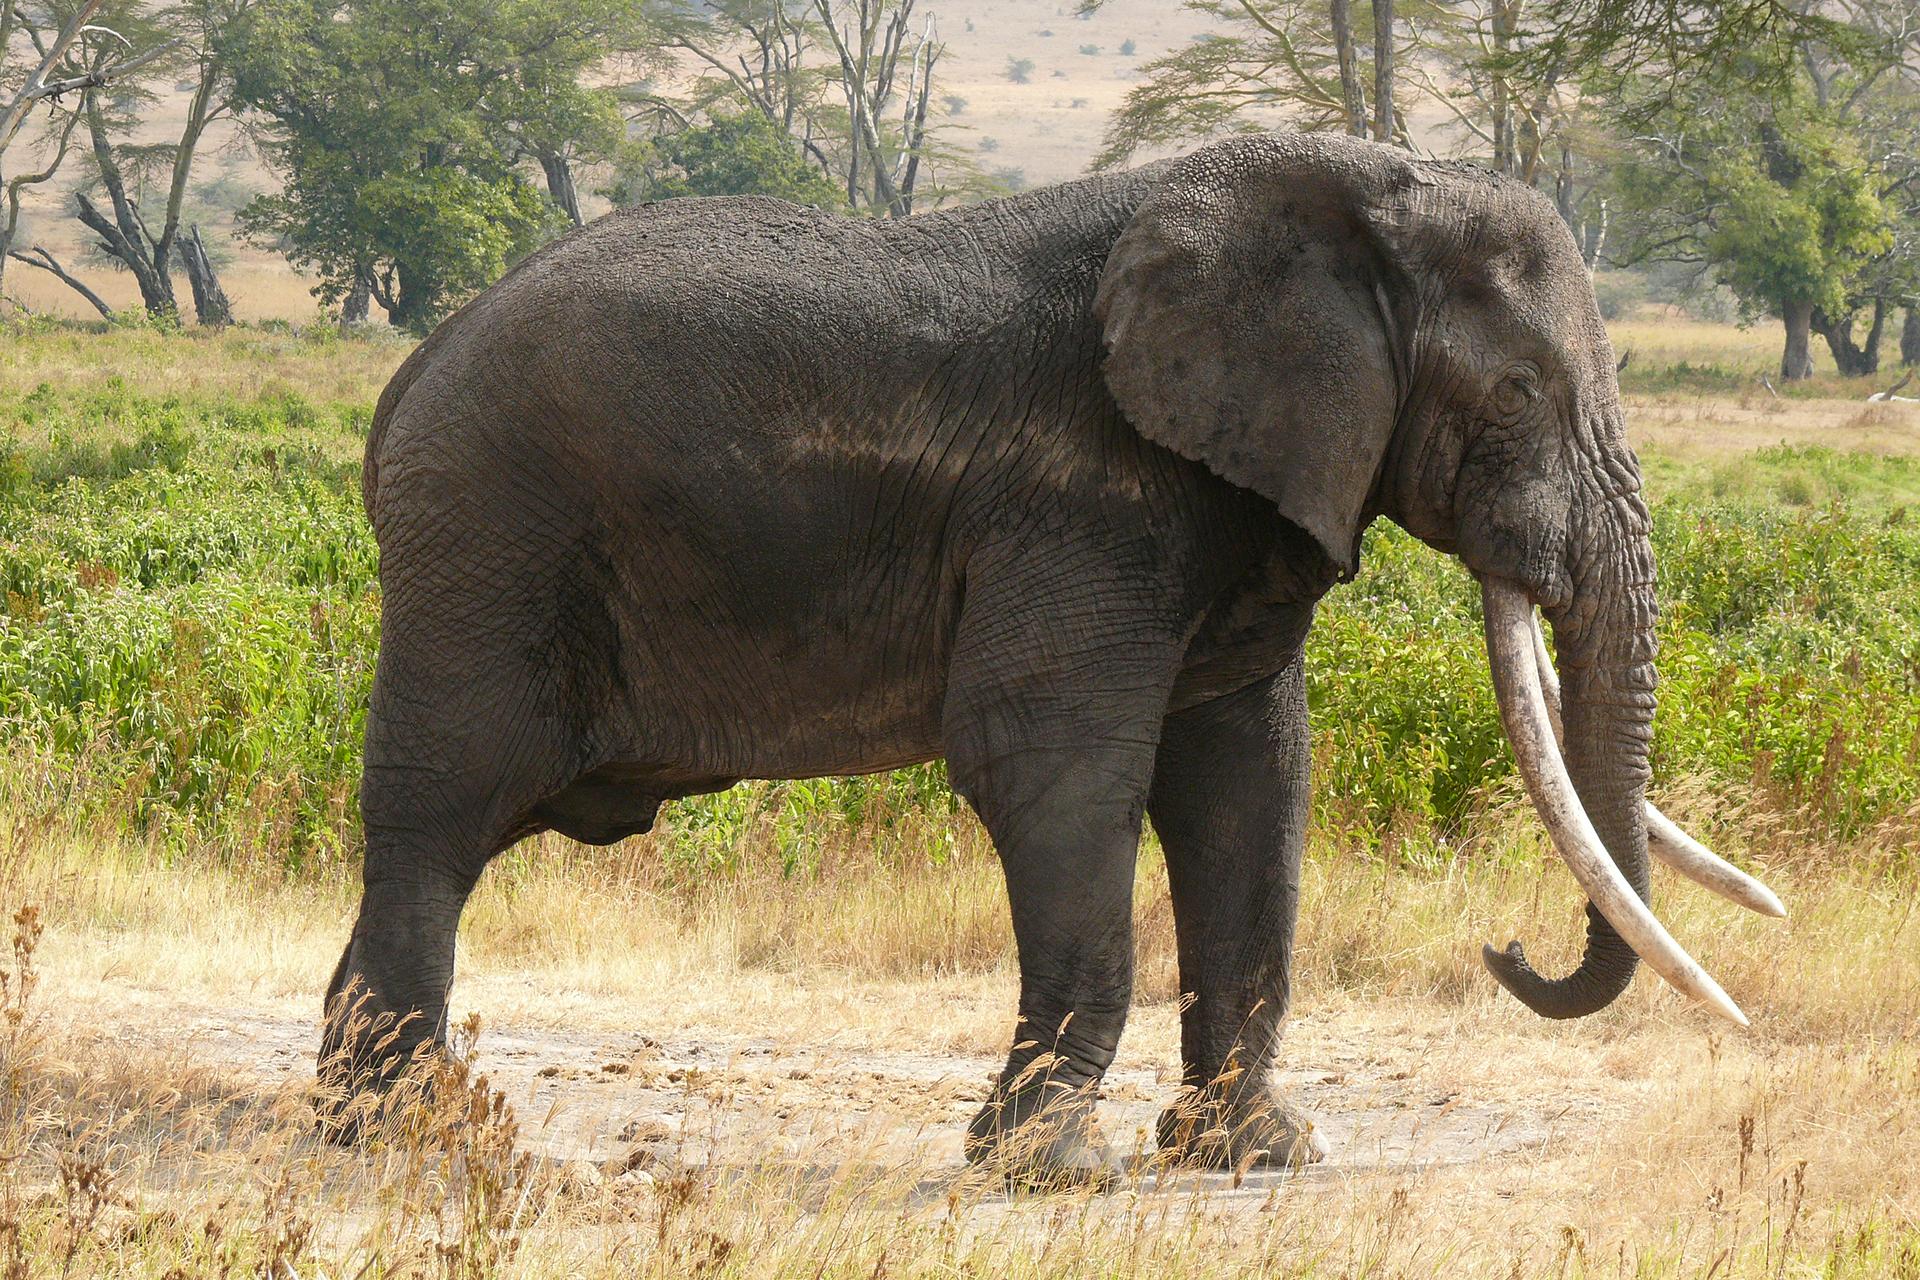 Fotografia przedstawia zboku szarego słonia afrykańskiego na sawannie. Głowa zprawej, zdługą, zwisającą, podwiniętą na końcu trąbą. Od góry przy trąbie wyrastają bardzo długie siekacze, zwane ciosami. Duże uszy przylegają do masywnego tułowia. Słoń stoi na udeptanej ziemi.